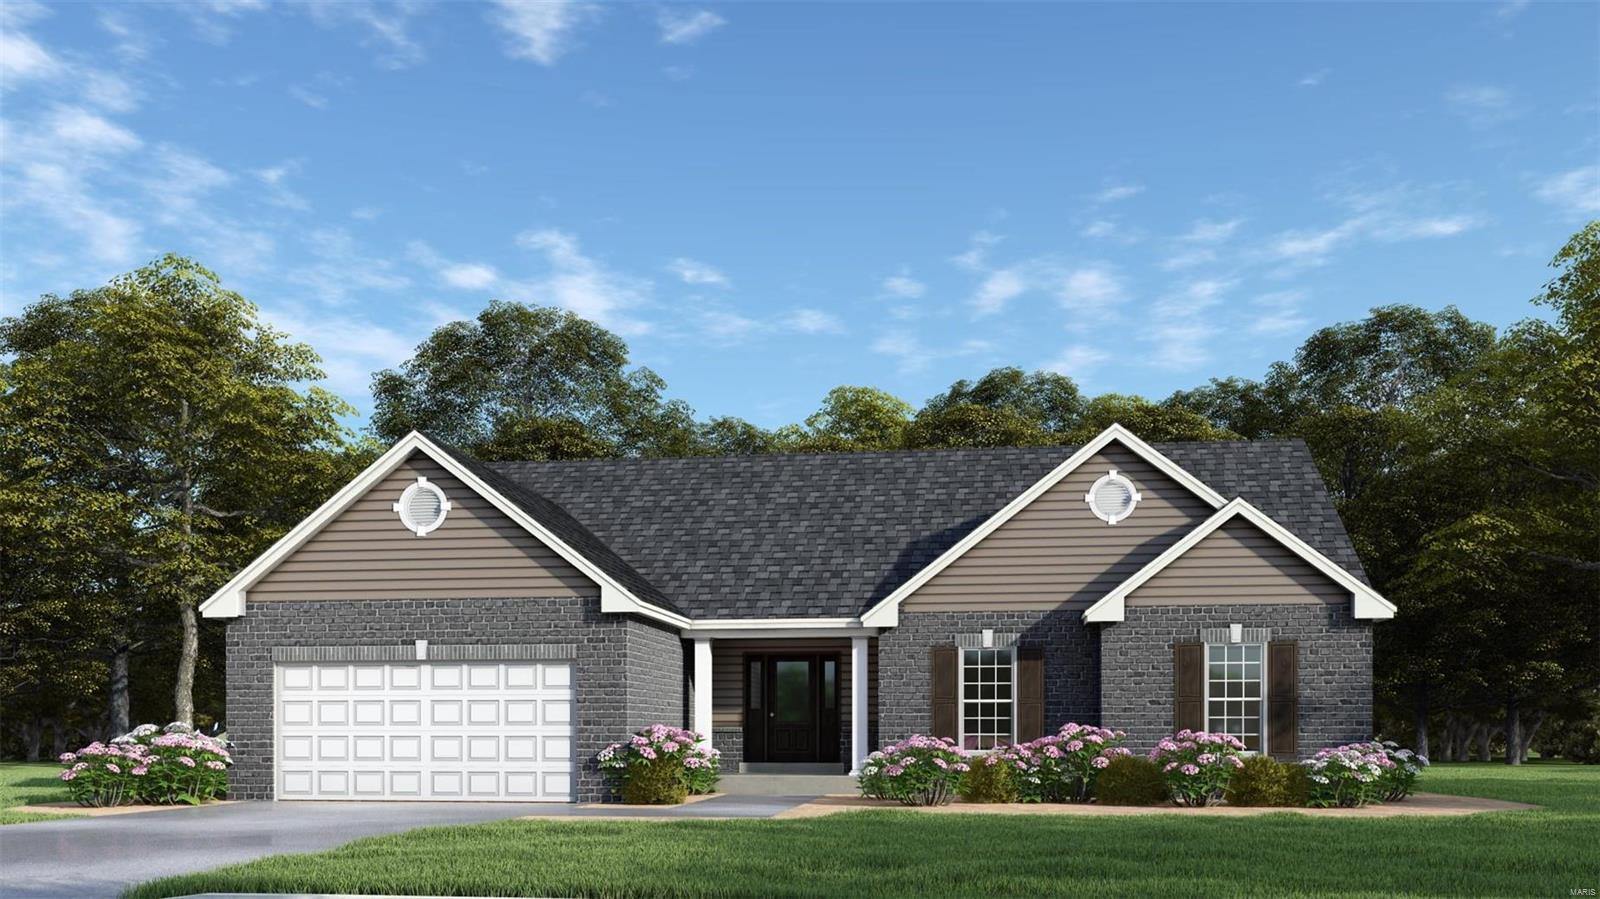 3205 BIG PINEY (Lot 74 HAZELTINE) Property Photo - Festus, MO real estate listing